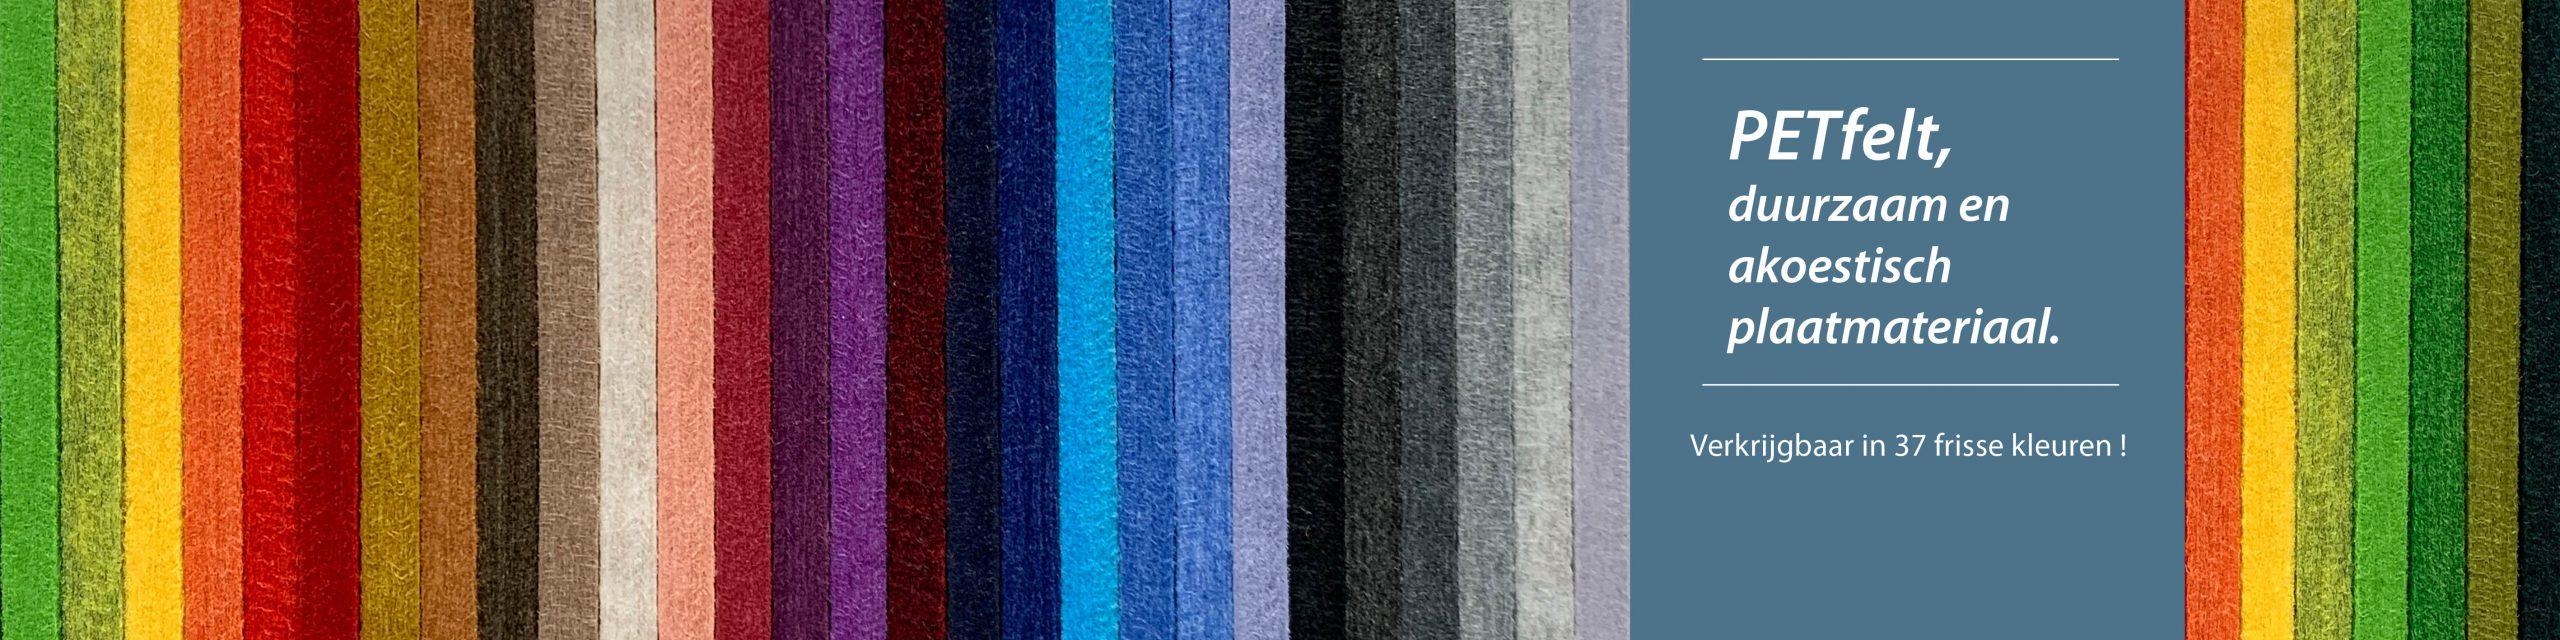 Petfelt in 37 kleuren